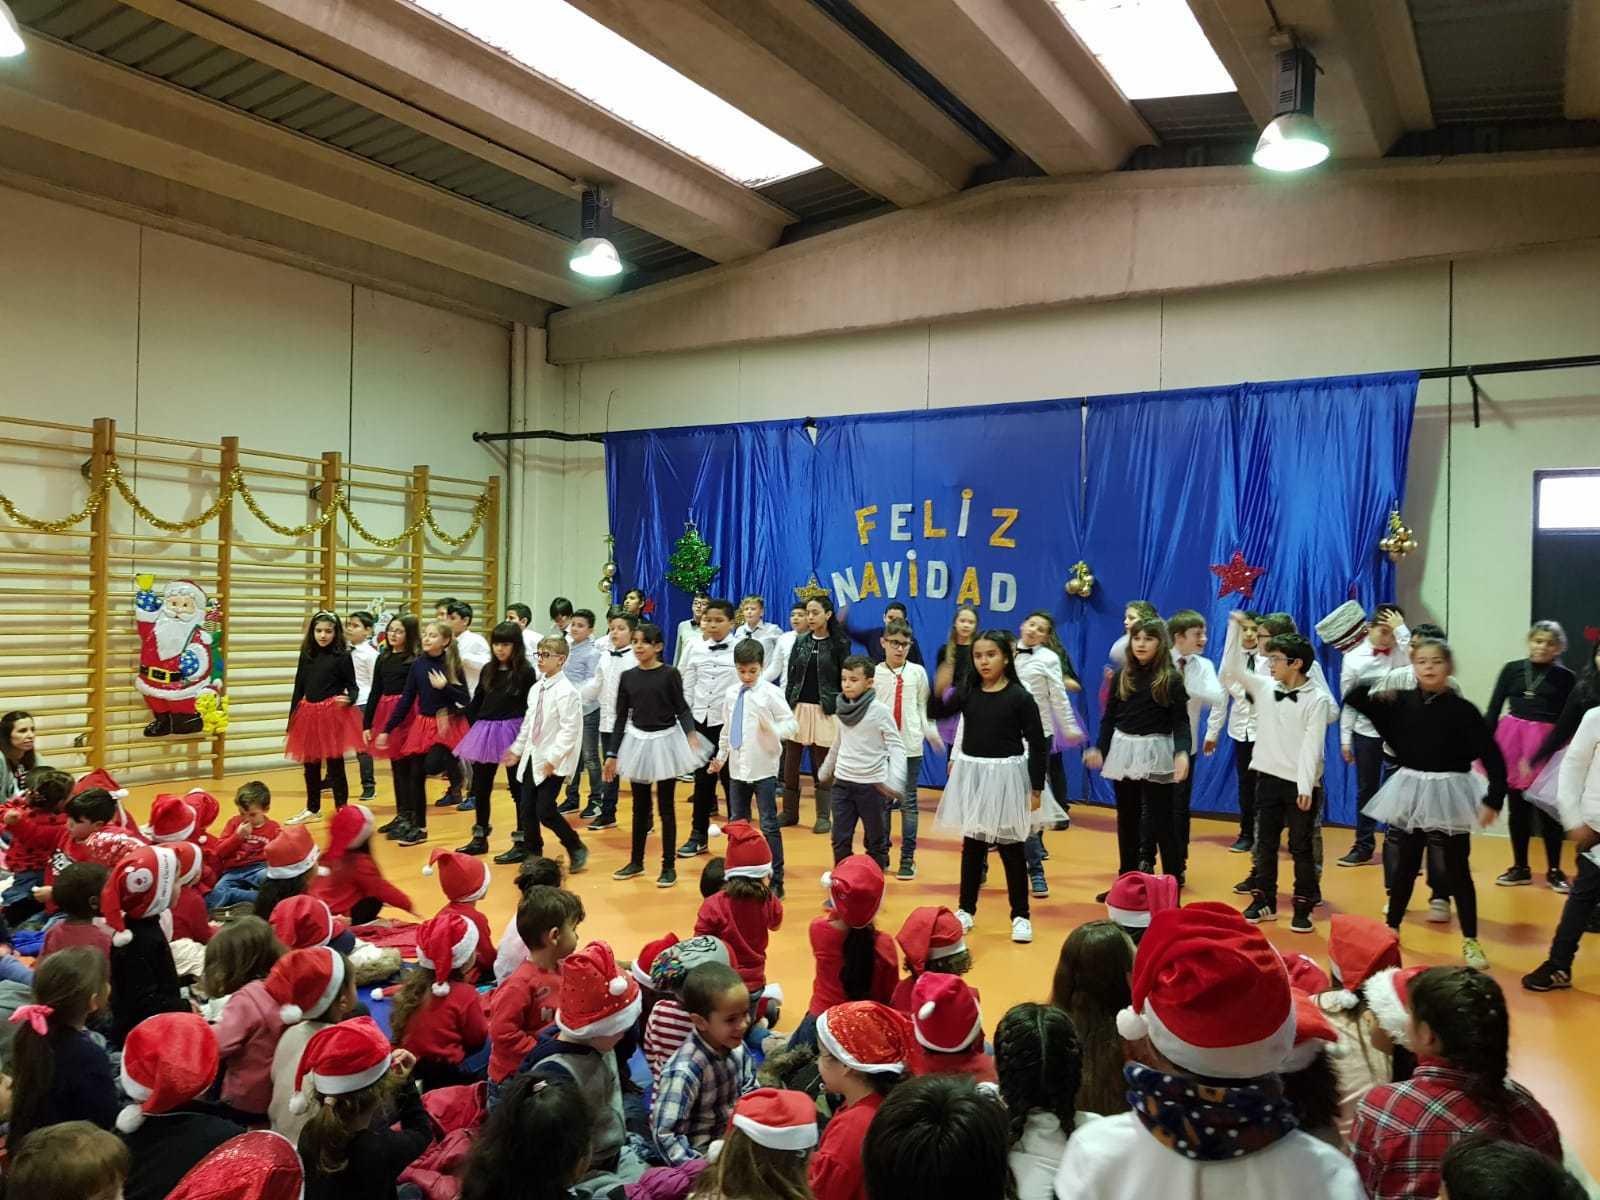 Último día - Festival navidad 16